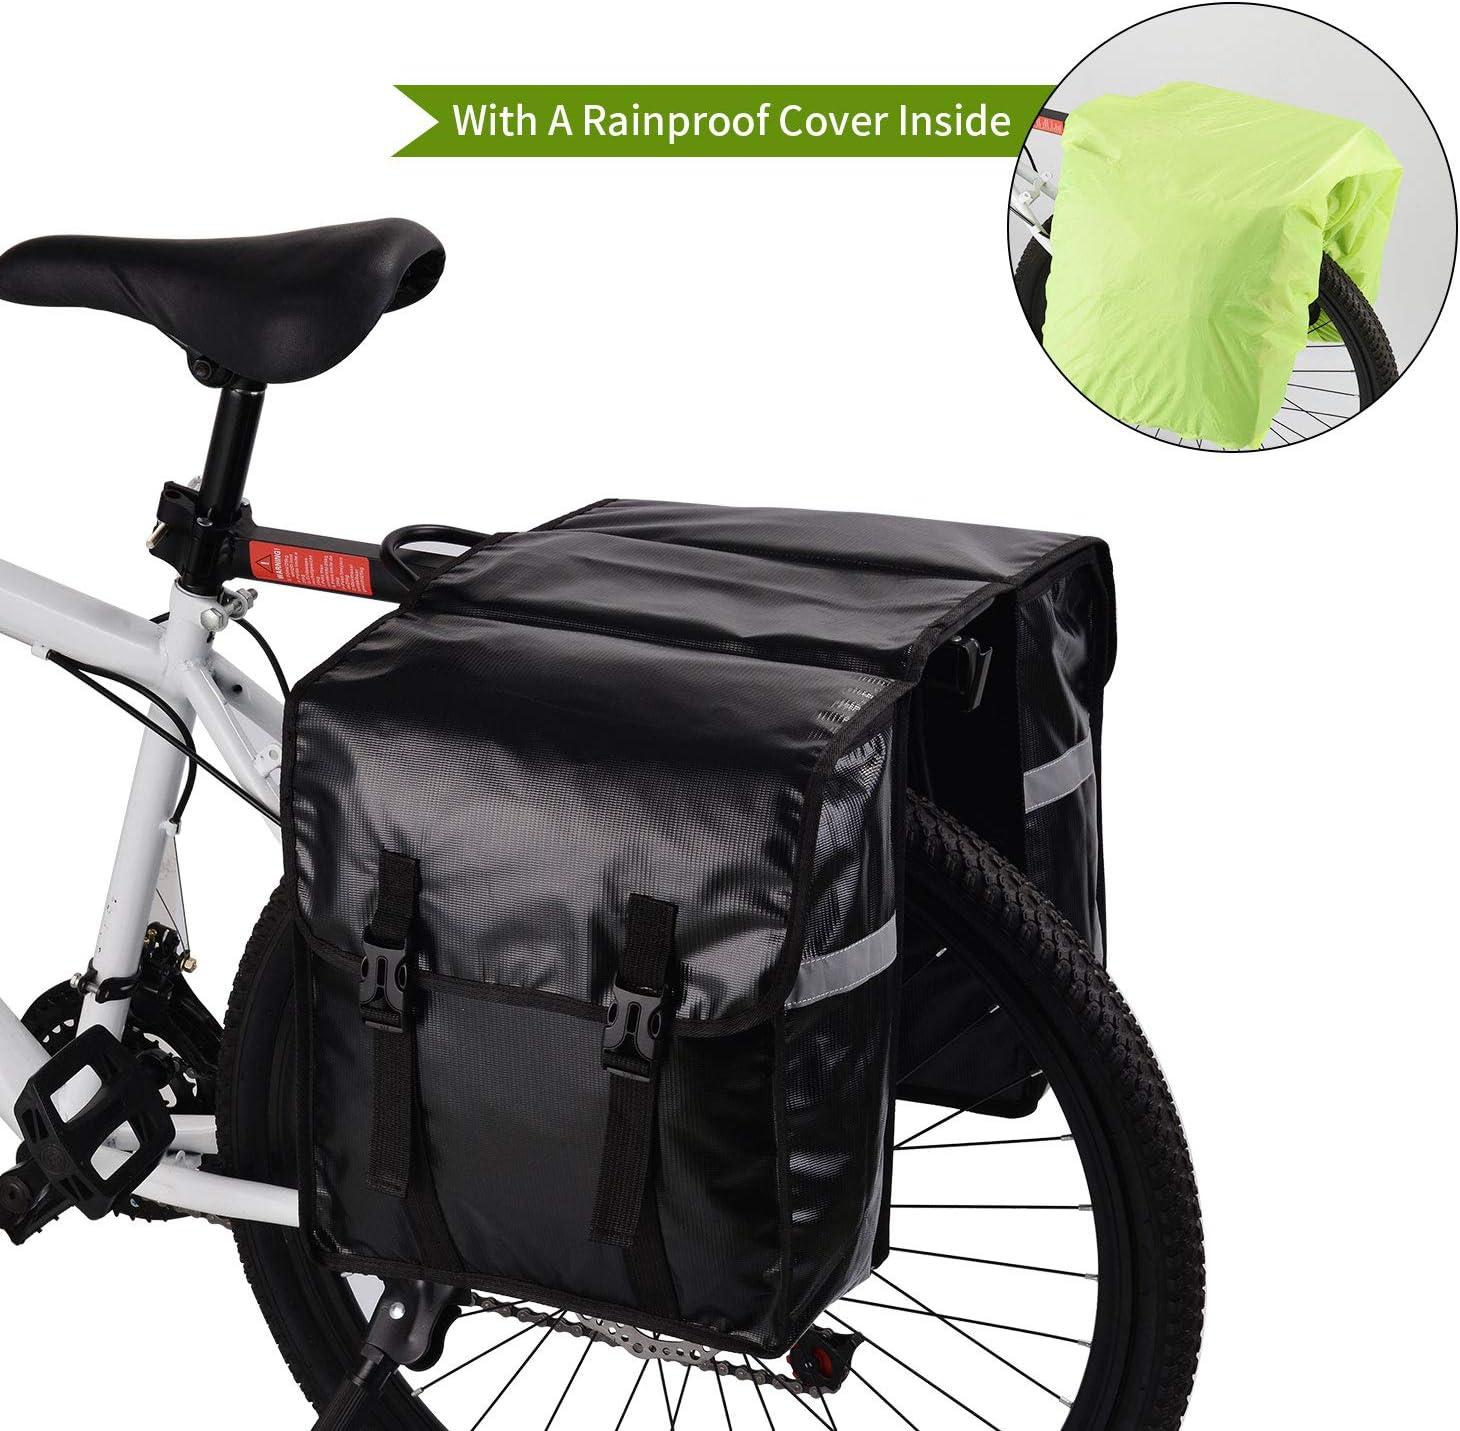 WILDKEN Alforjas para Portaequipajes de Bicicleta, Bolsas Traseras ...